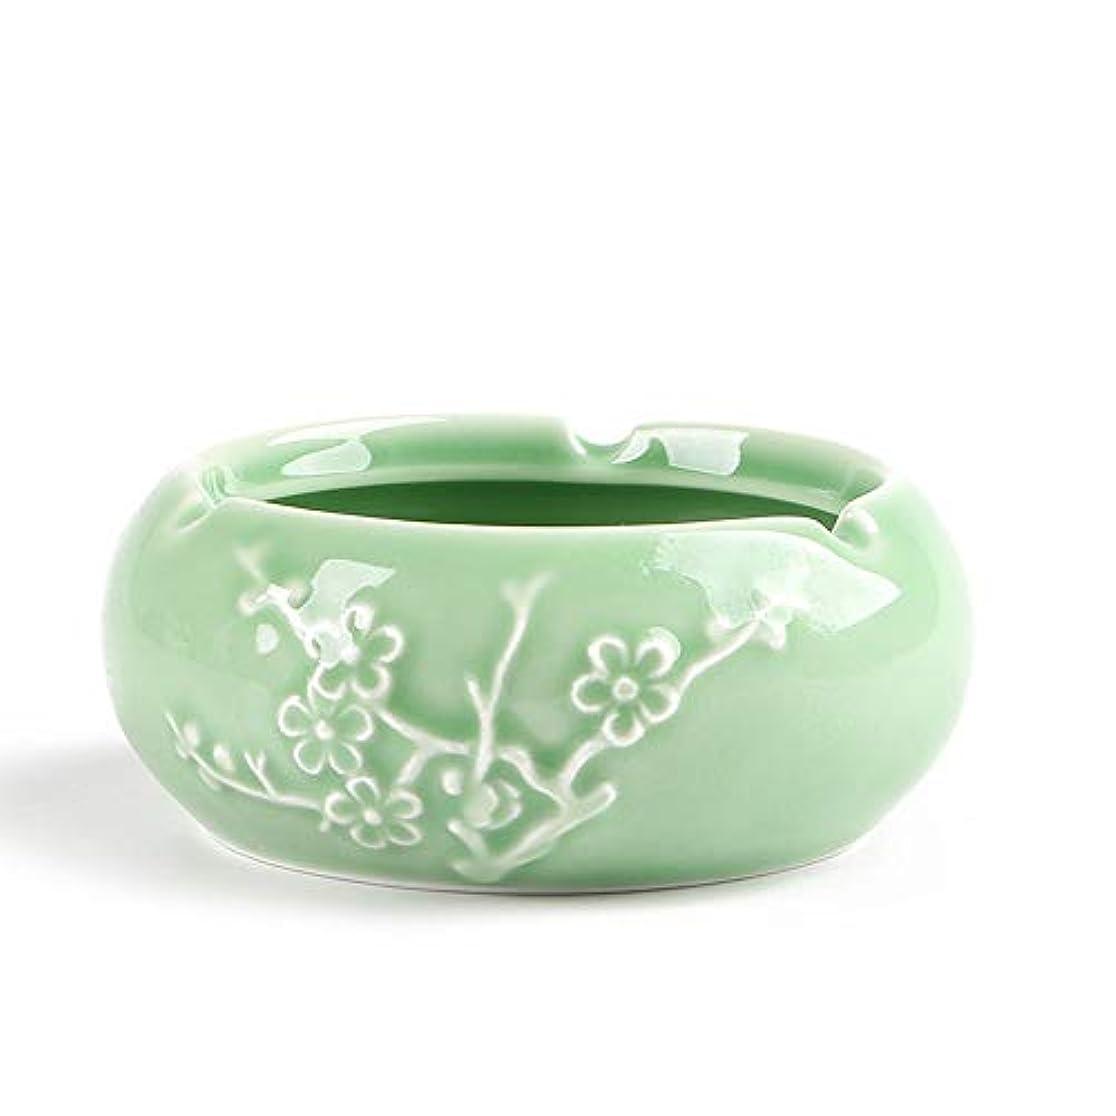 印をつける印をつけるコットン中国のセラミック灰皿手作り灰皿クリエイティブクラフトバーインターネットカフェ写真小道具の装飾品